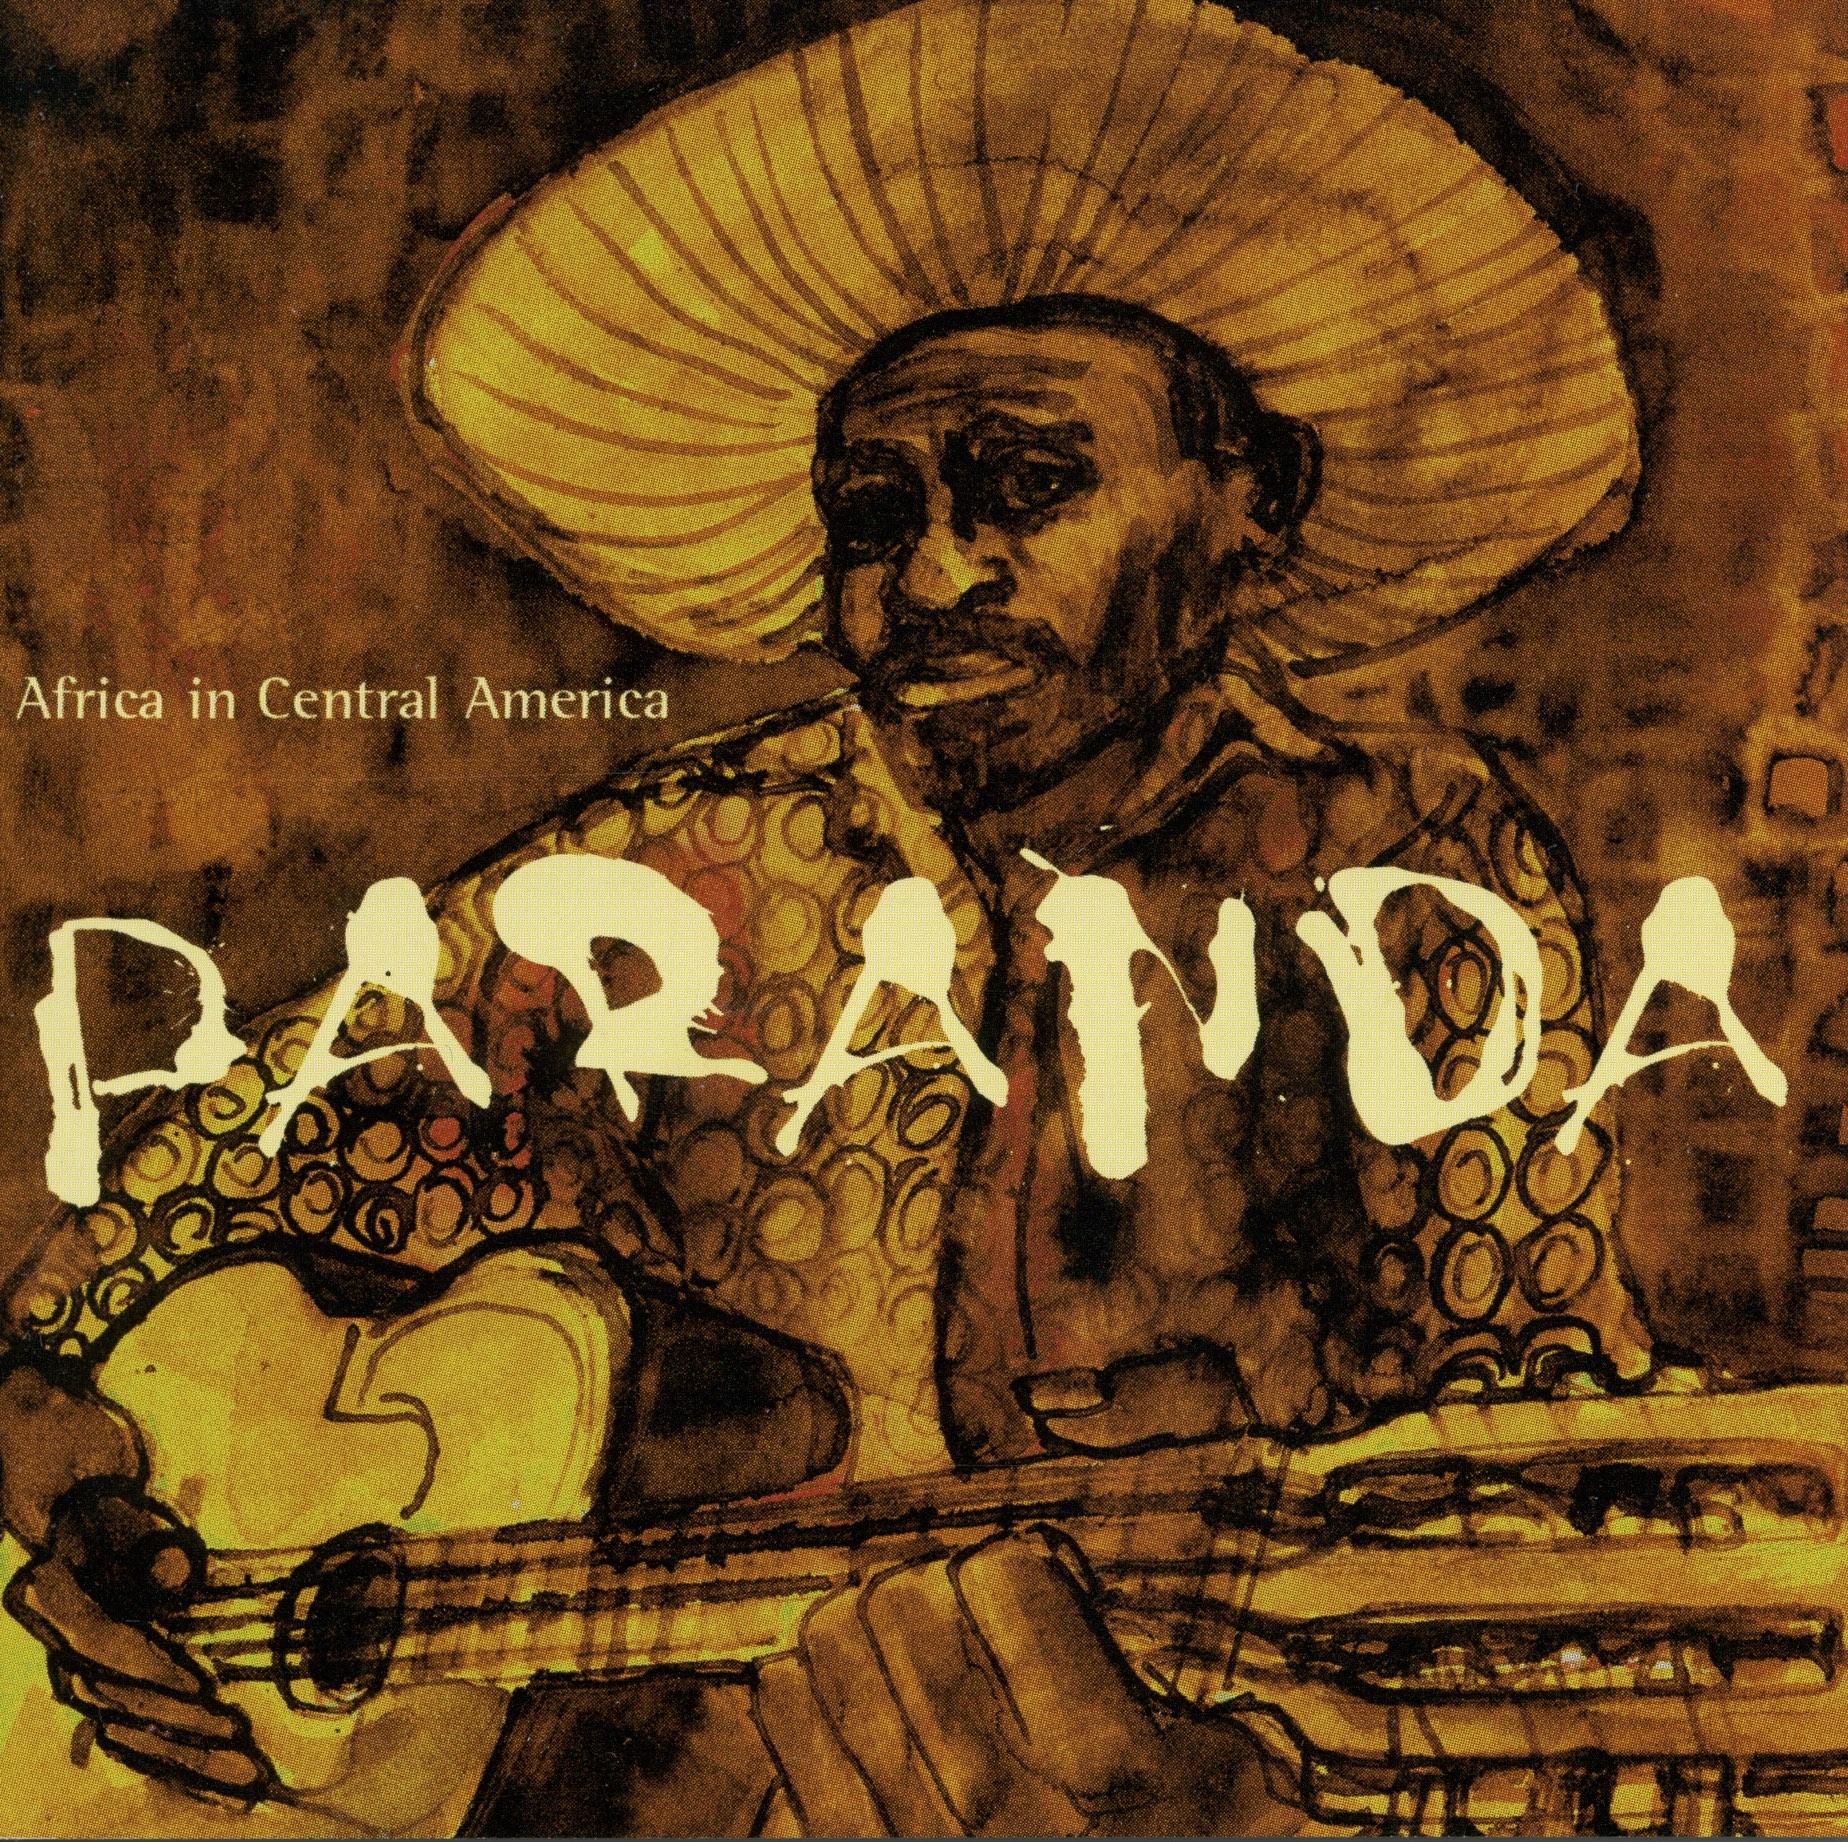 1999 - Paranda